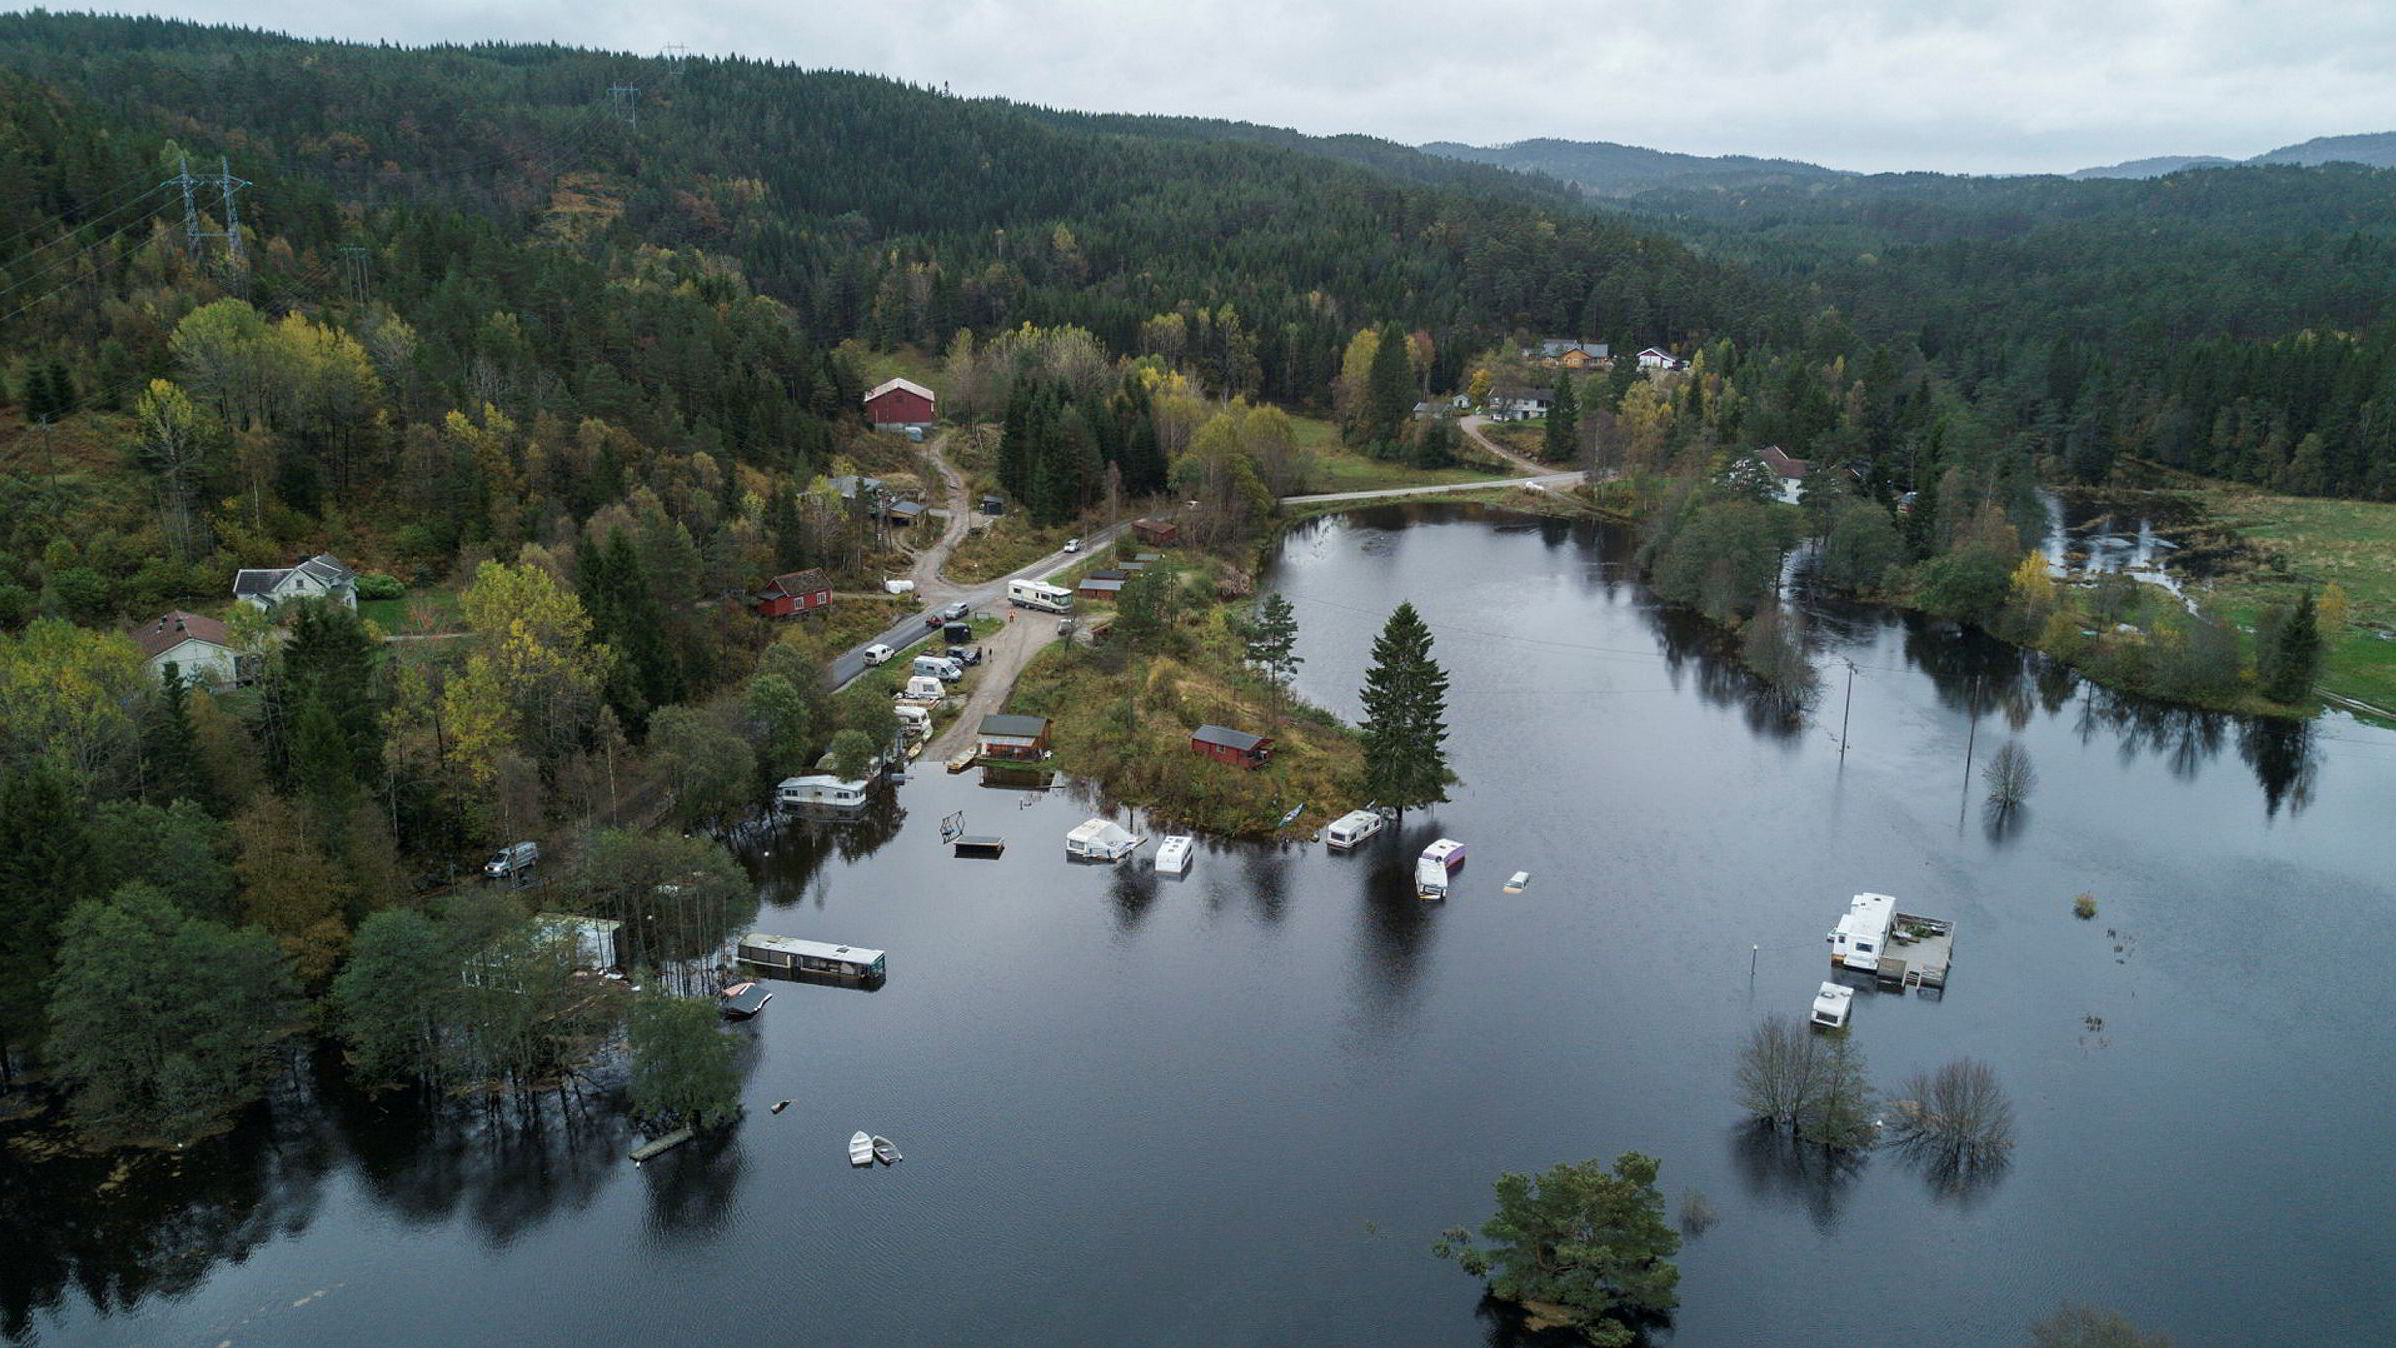 Regn og uvær på Sørlandet. Drone-foto som viser Bjønndalen Camp nord for Vennesla. De som bor der sier de aldri har sett så mye vann før.